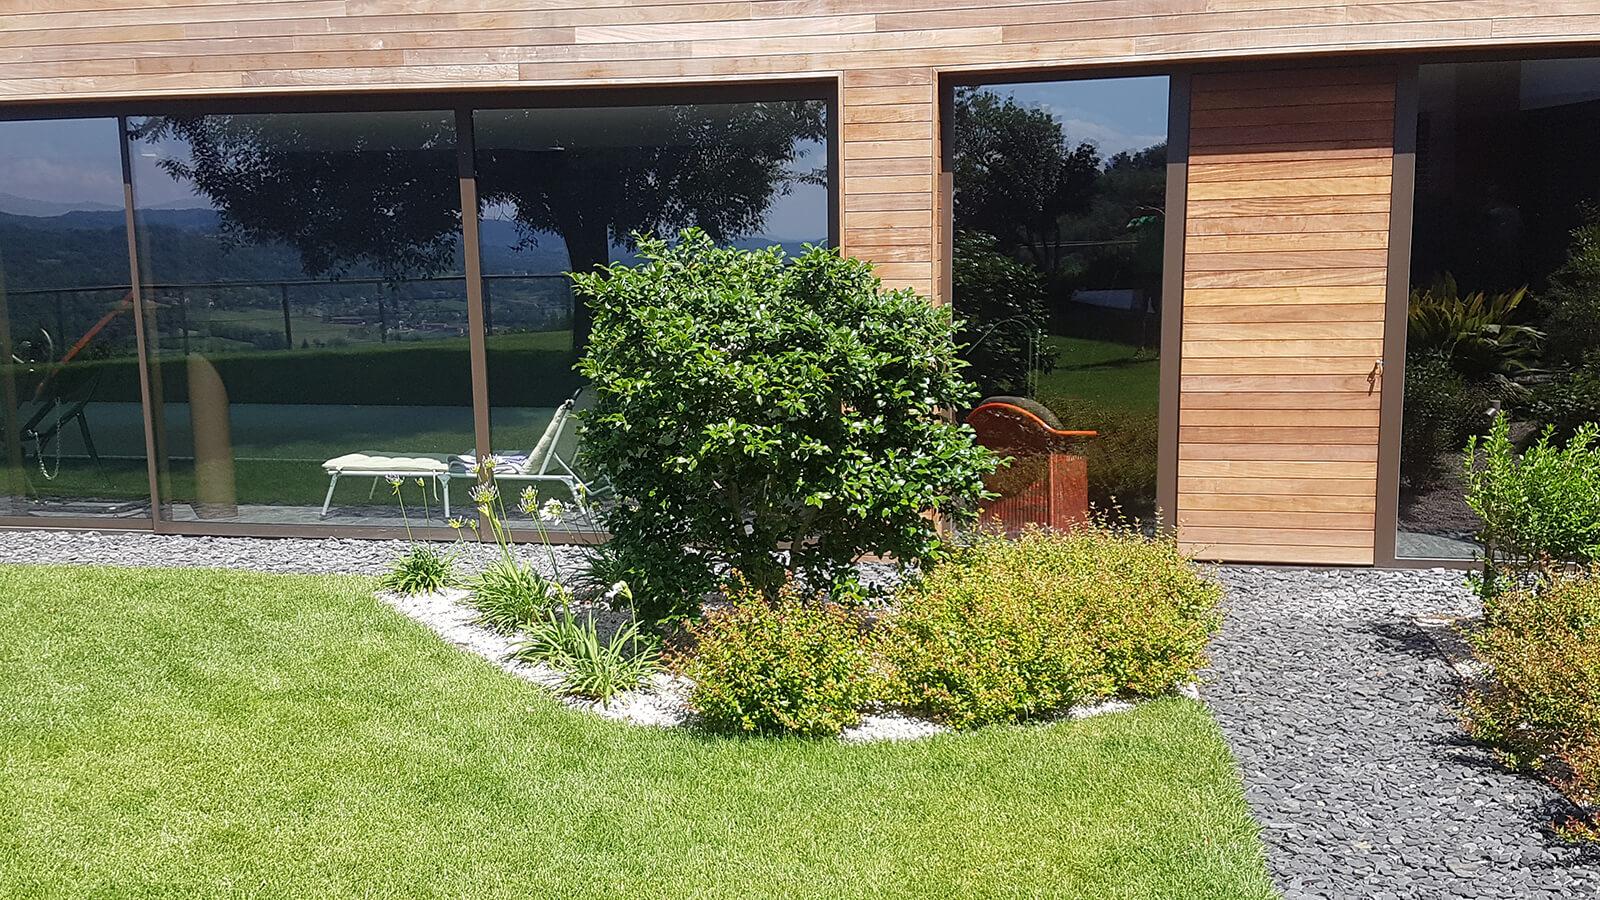 progettazione realizzazione giardini schio - verde blu giardini 8